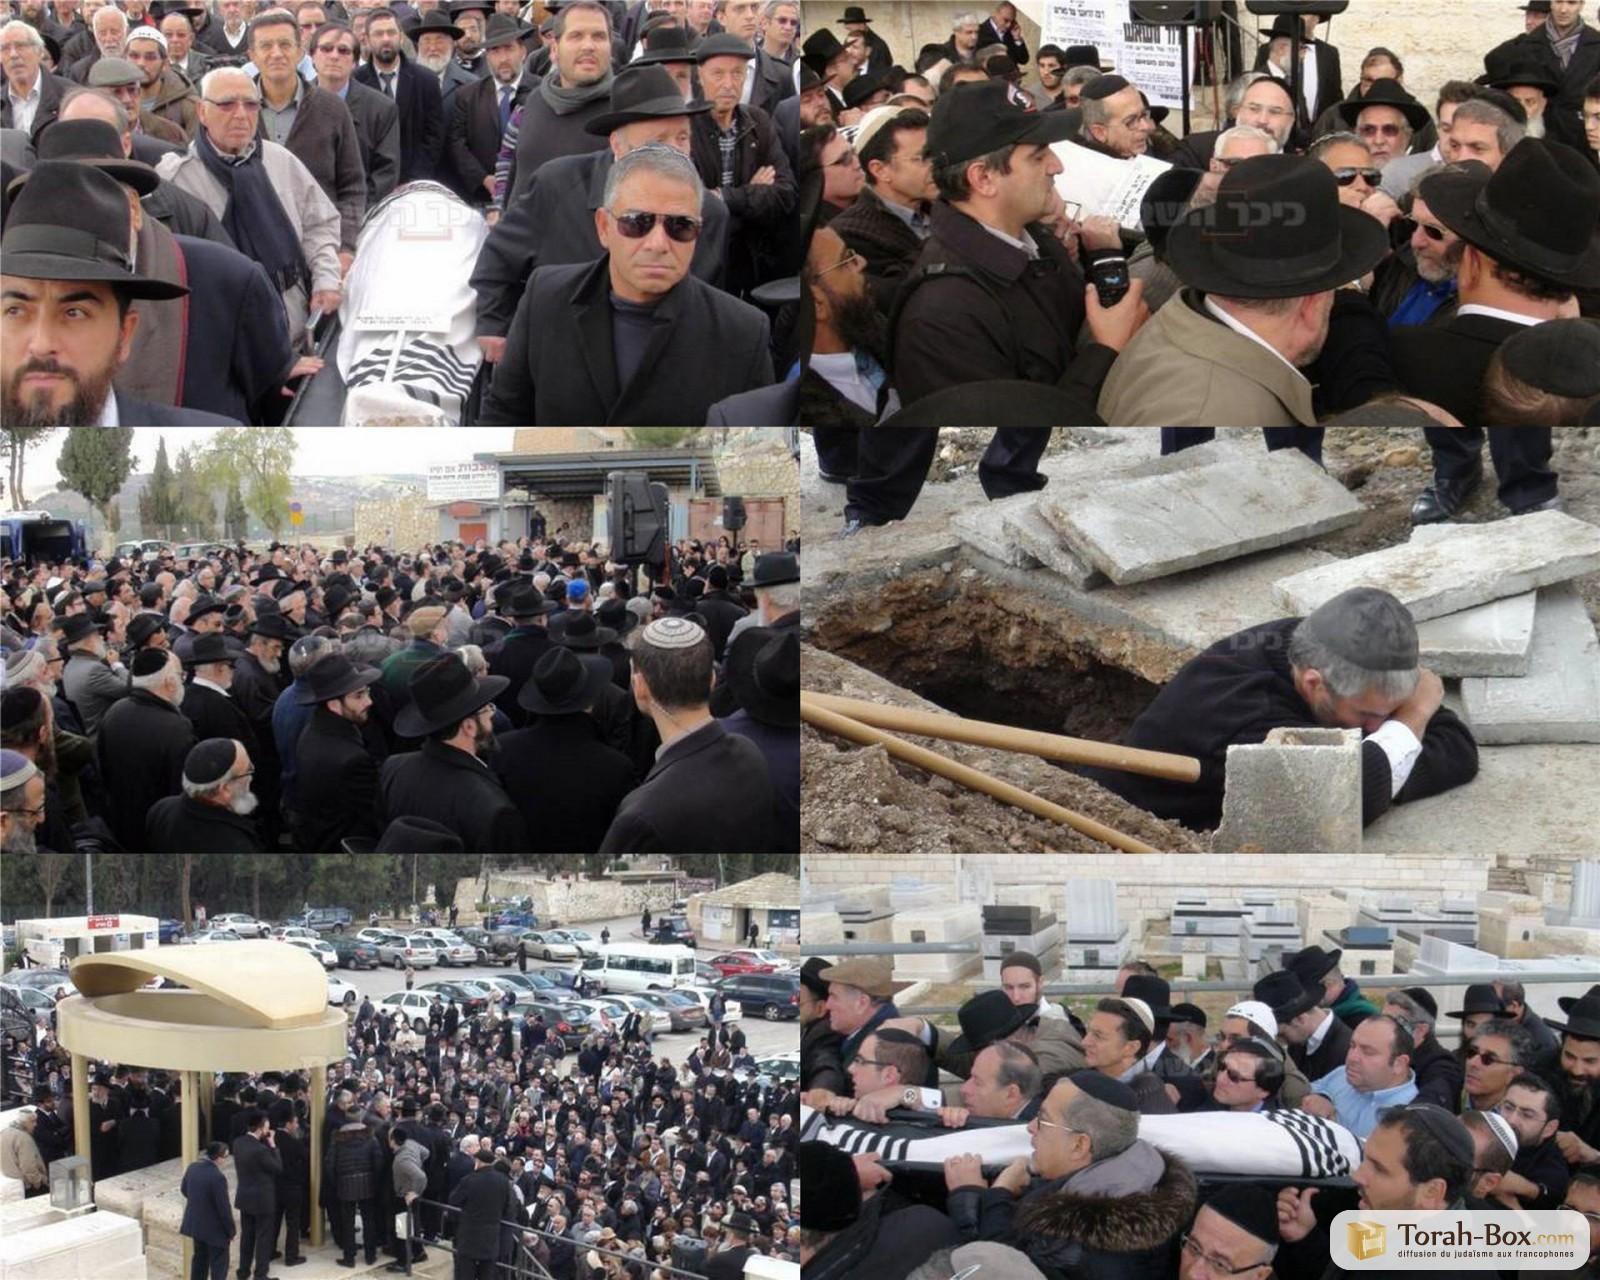 meilleurs oraisons funèbres